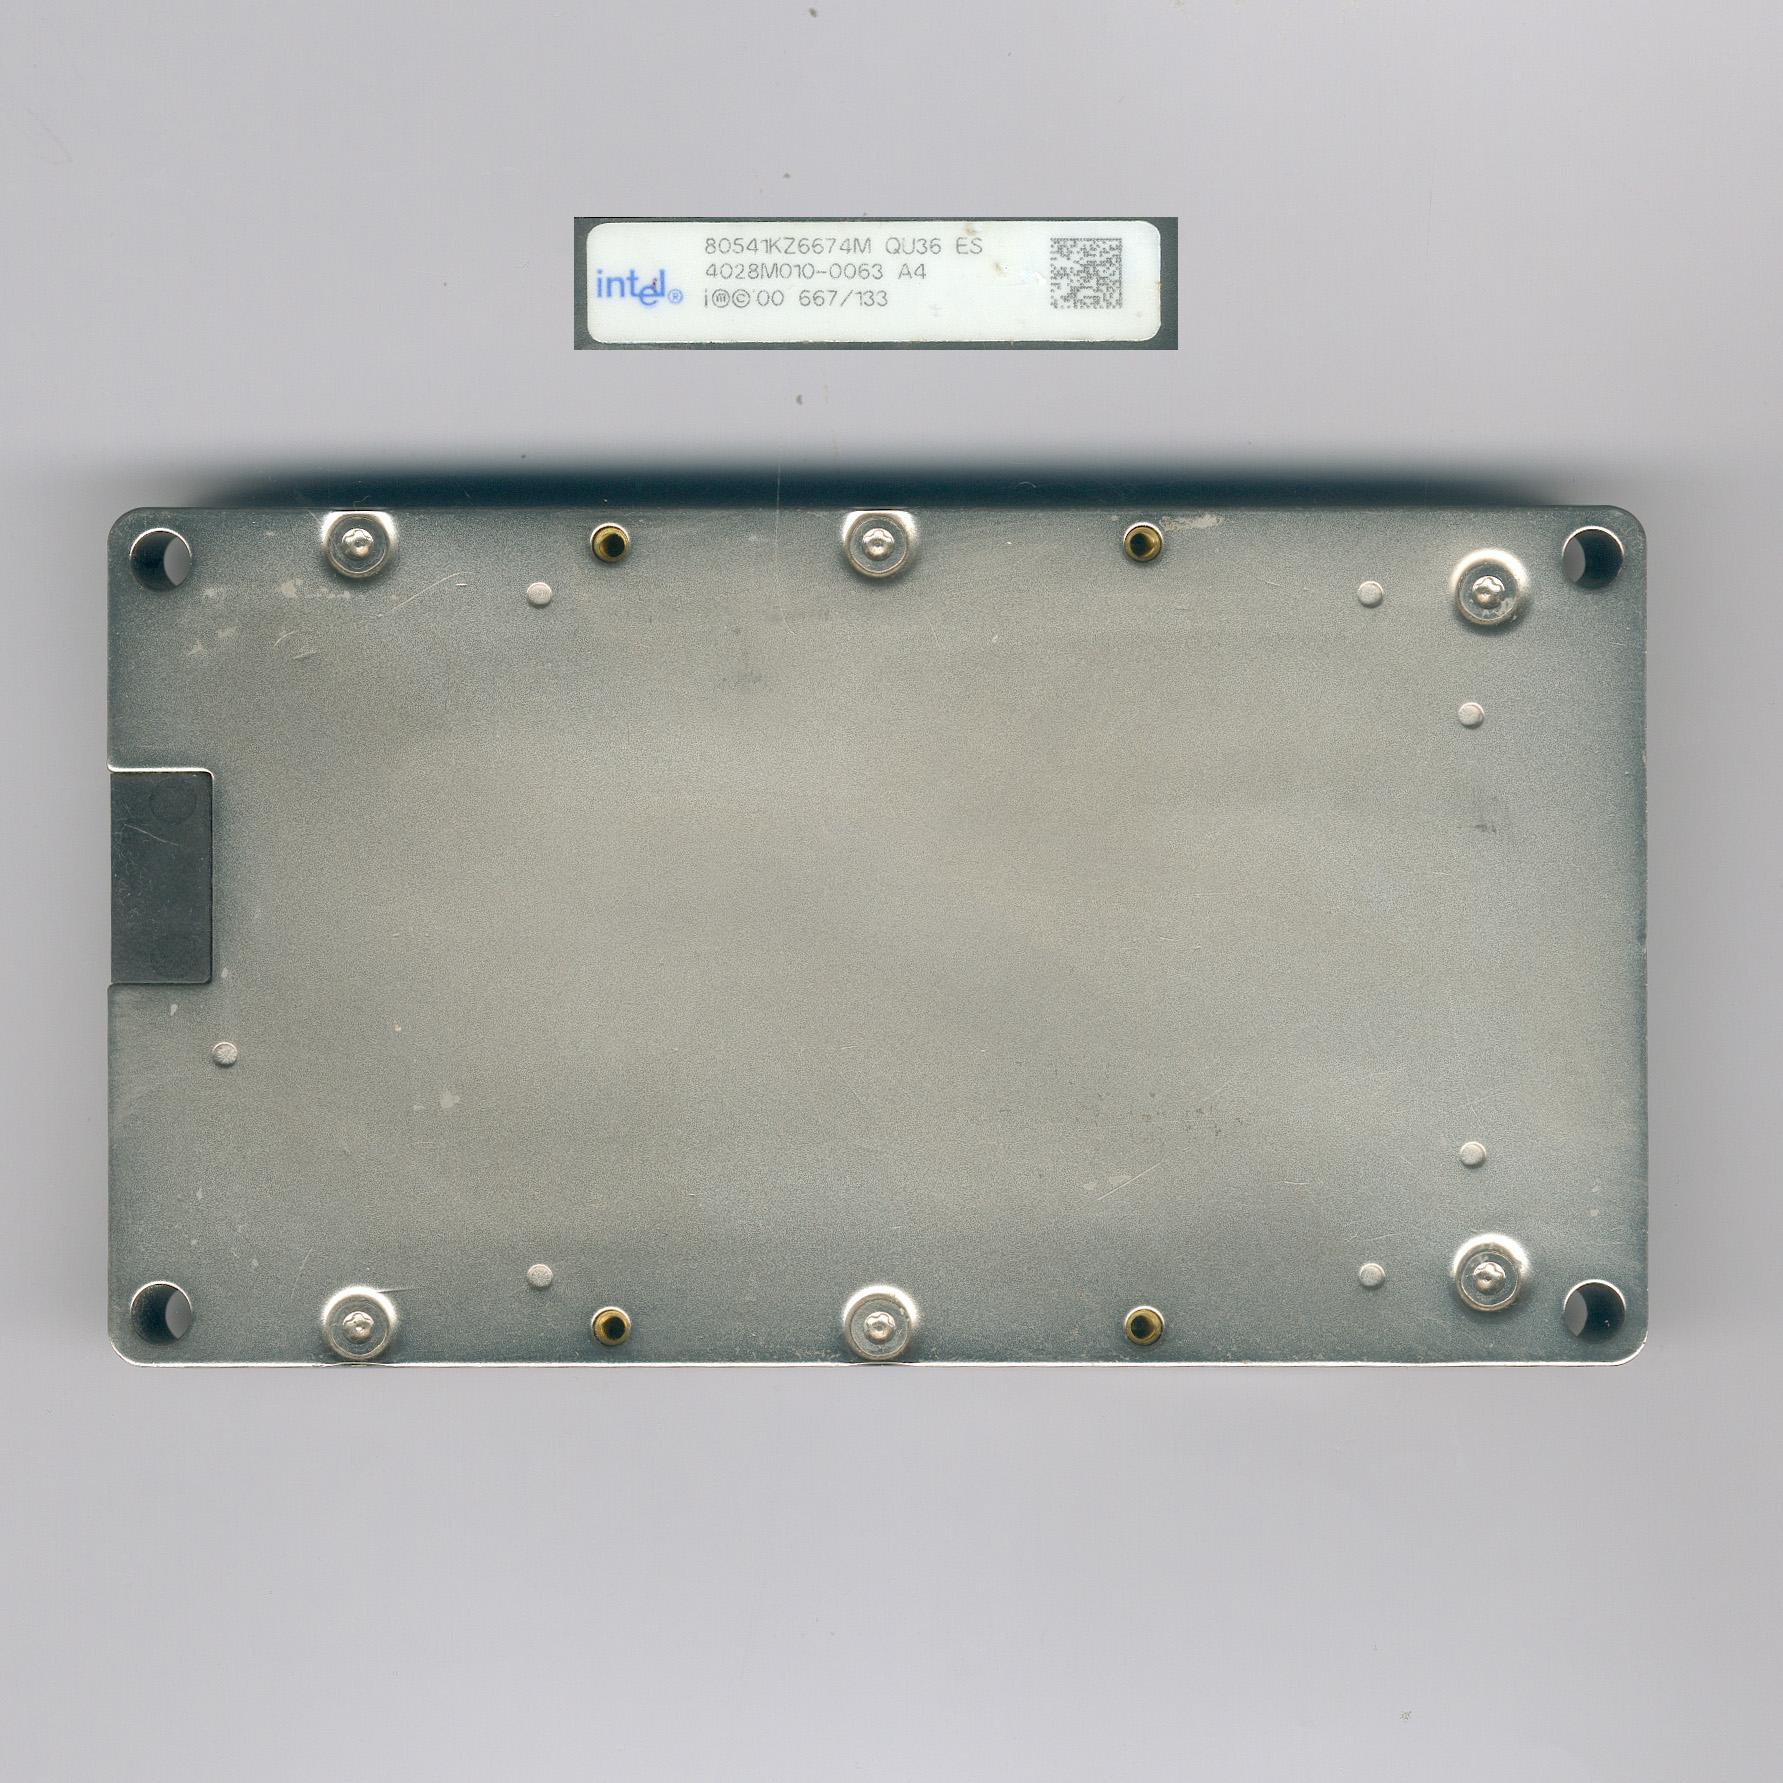 Intel_Itanium667_QU36ES_F.jpg